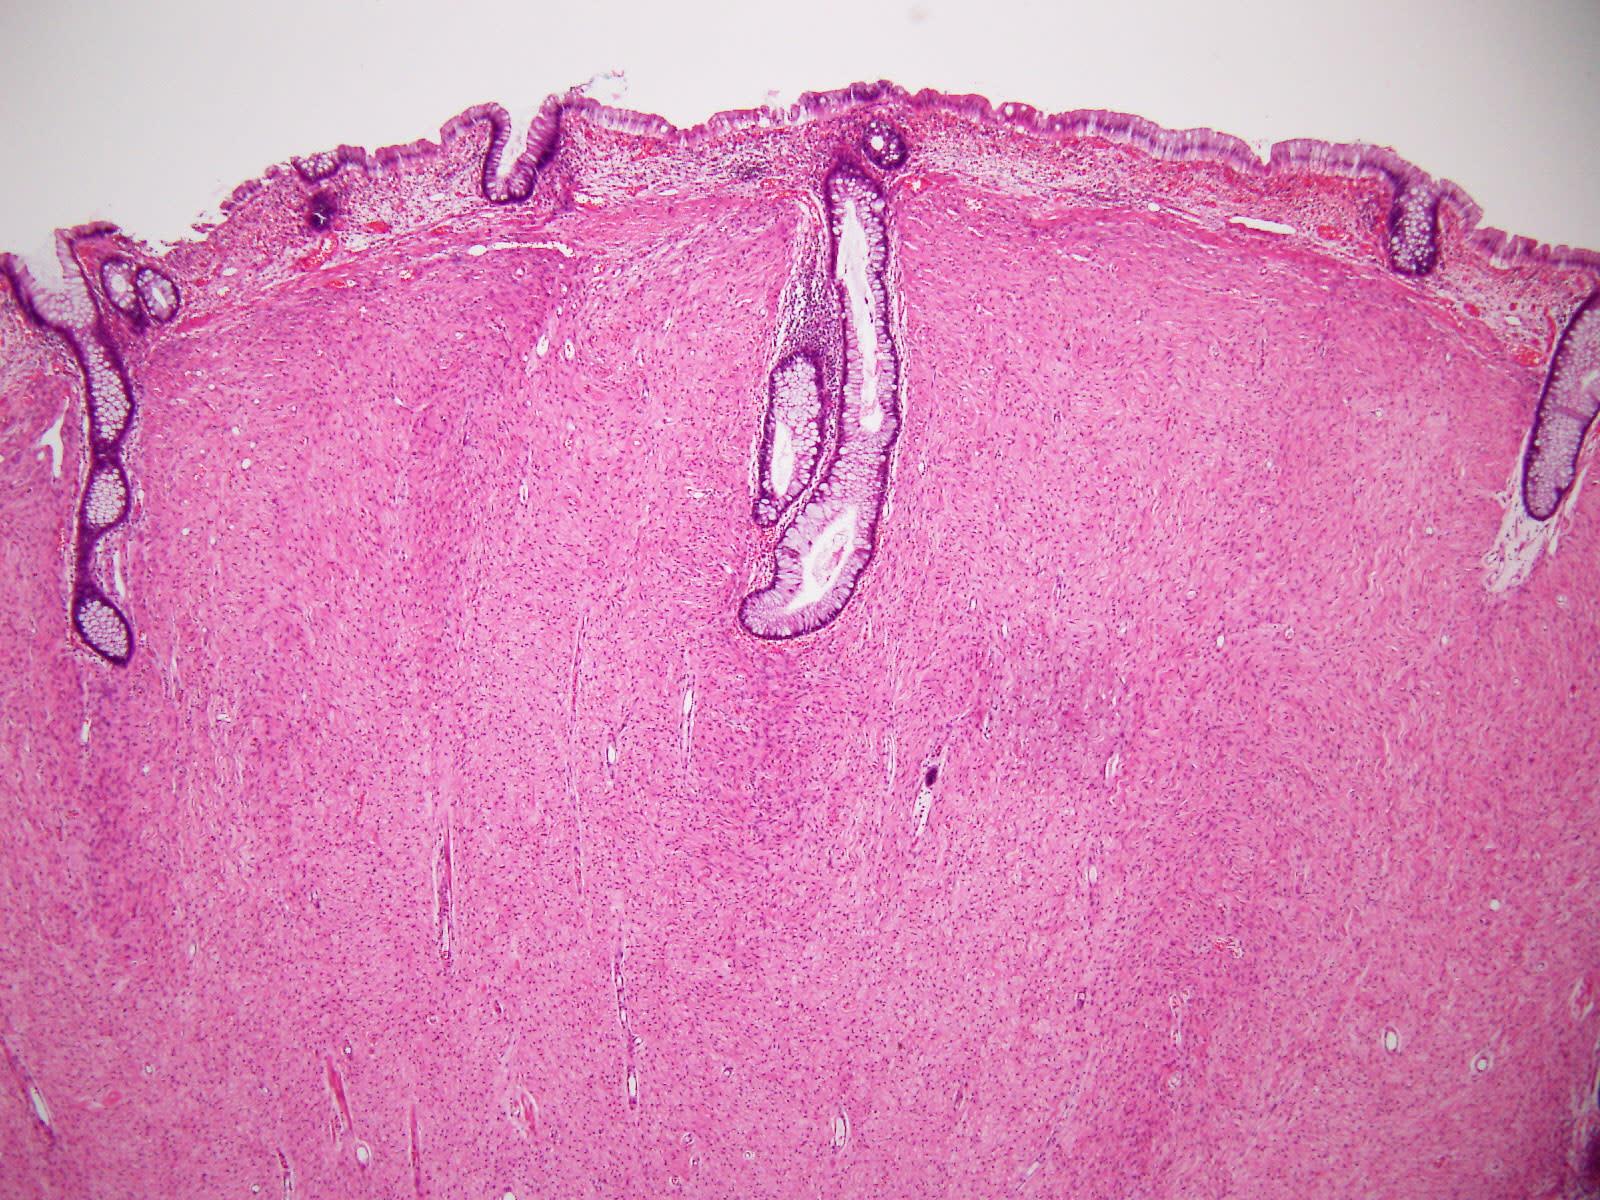 2010-06-18 | 非上皮性腫瘍